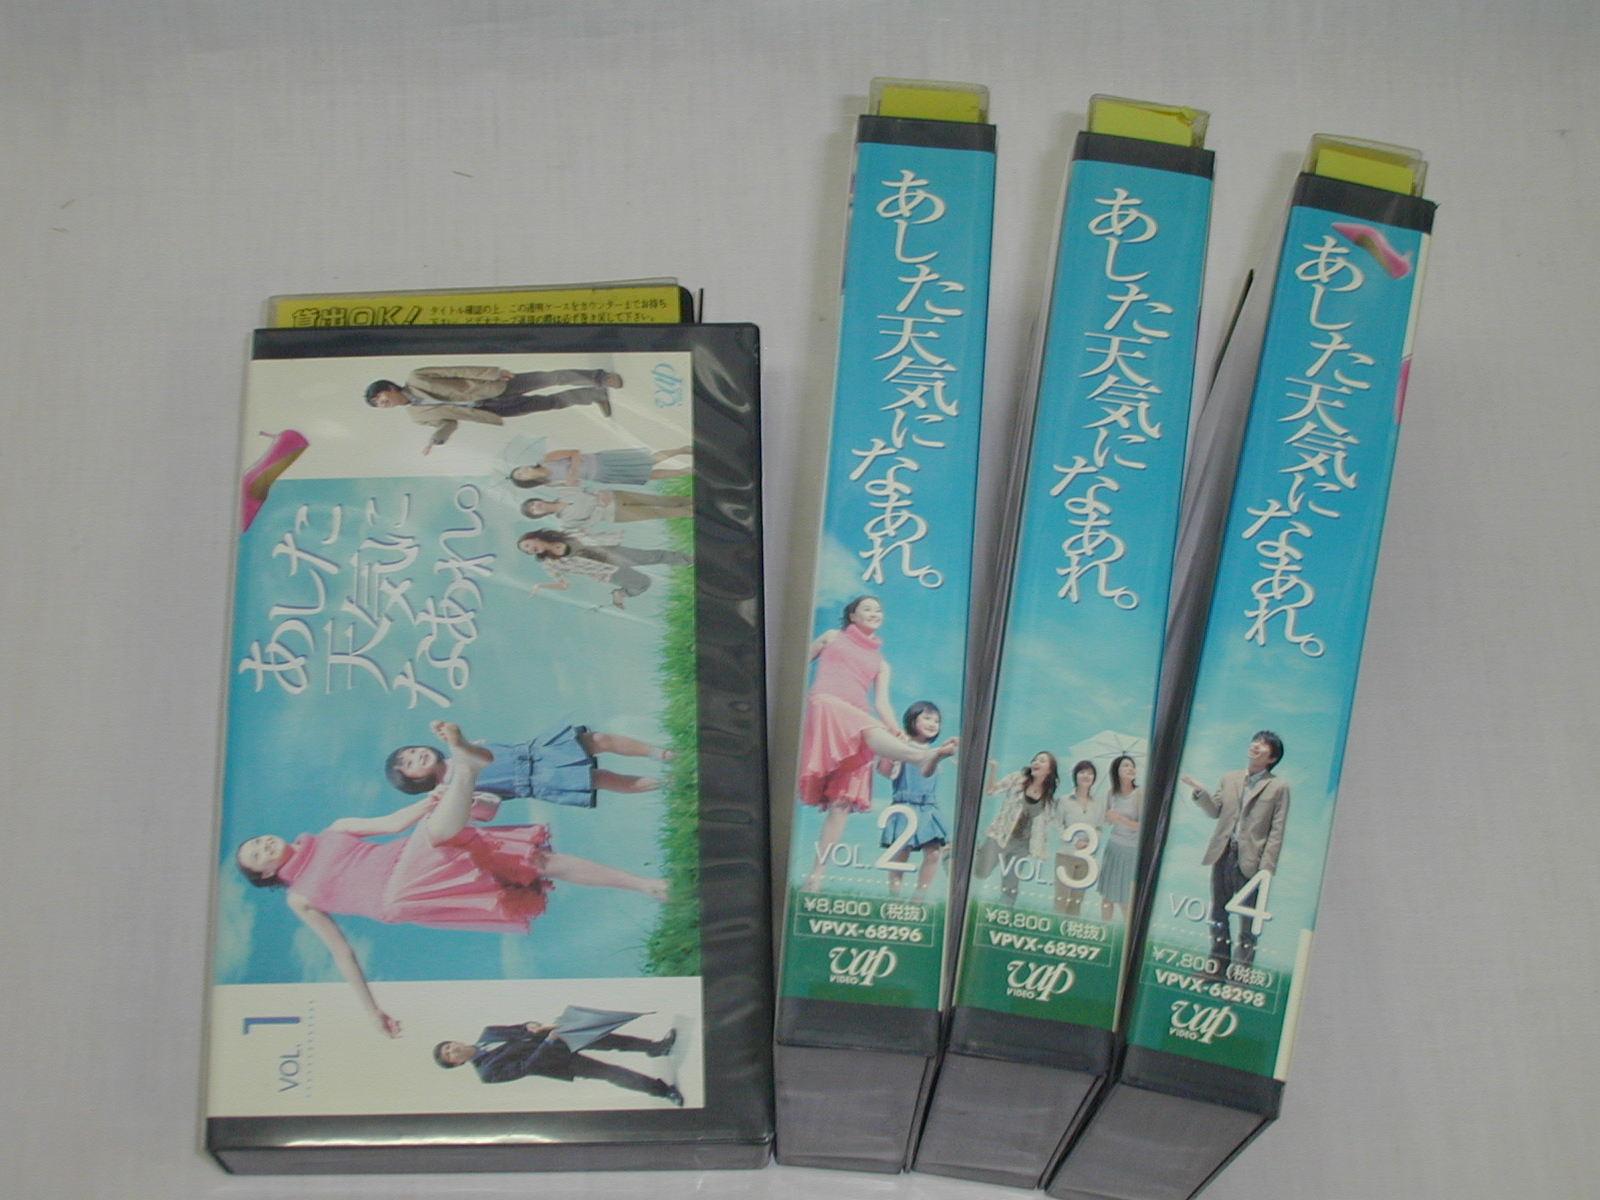 (ビデオ)日本テレビ あした天気になあれ。 全4巻